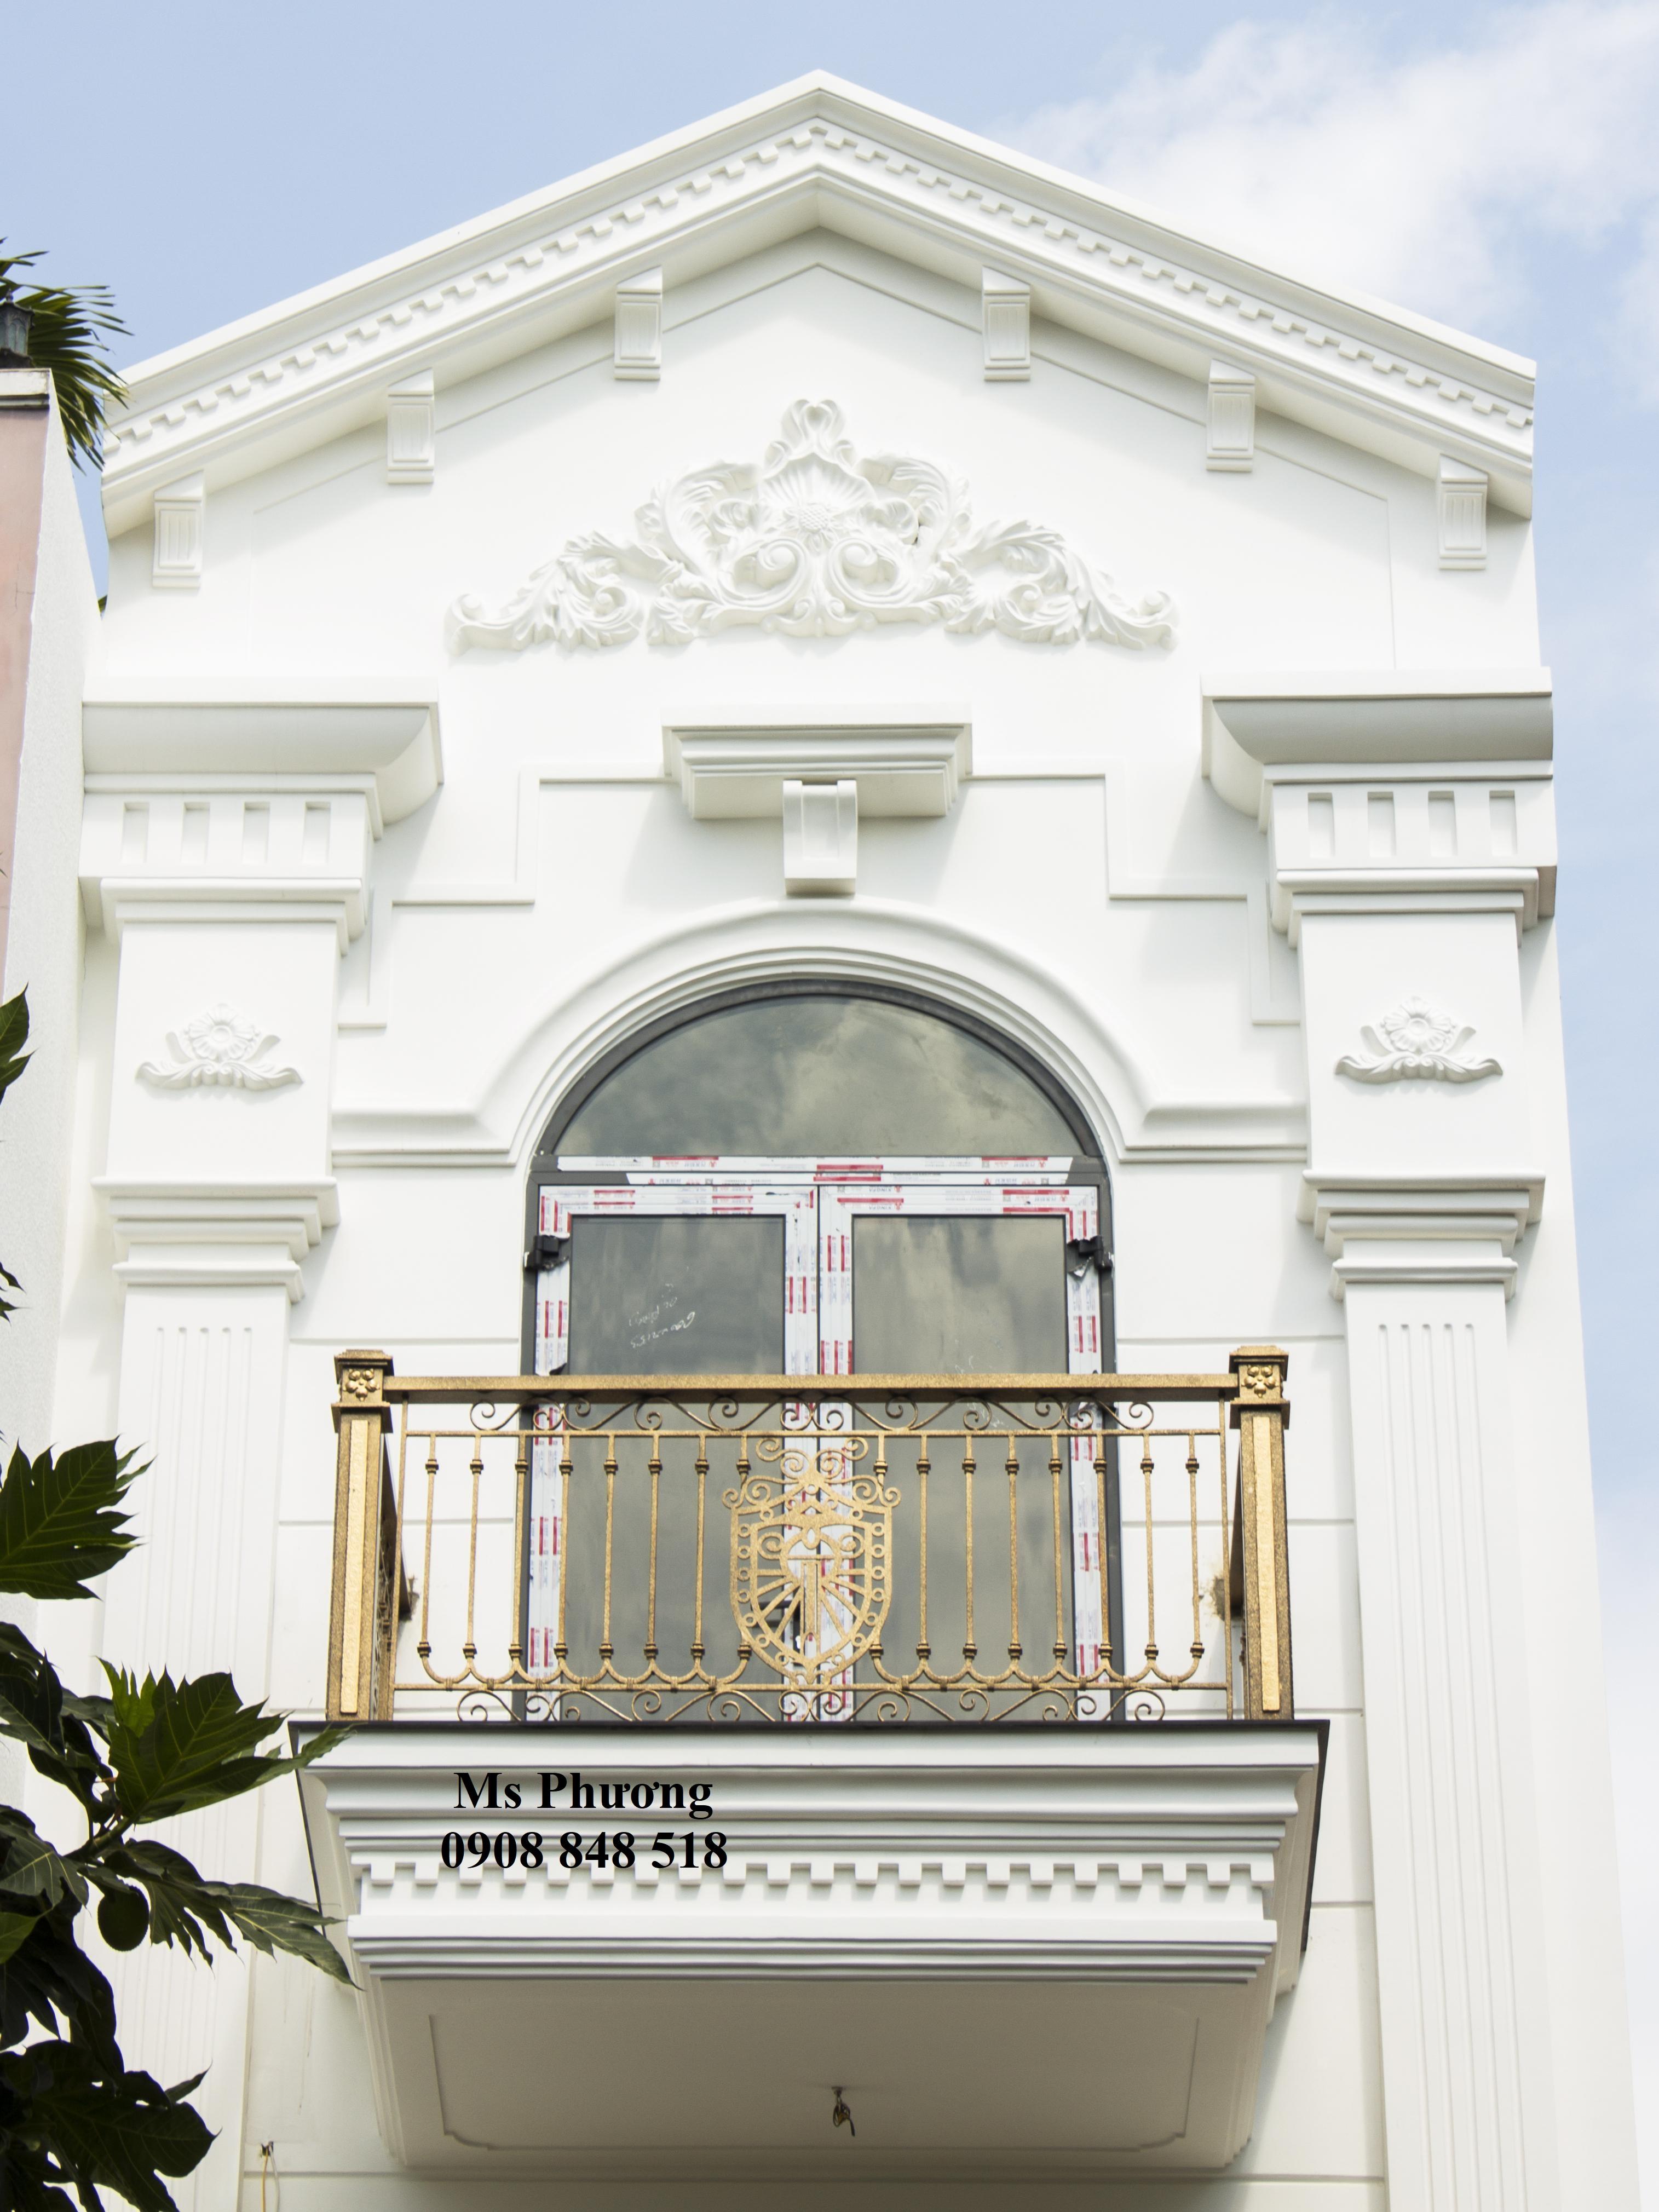 Tổng hợp mẫu lan can ban công sắt uốn cổ điển cho biệt thự, nhà phố đẹp nhất - kiến trúc 2020